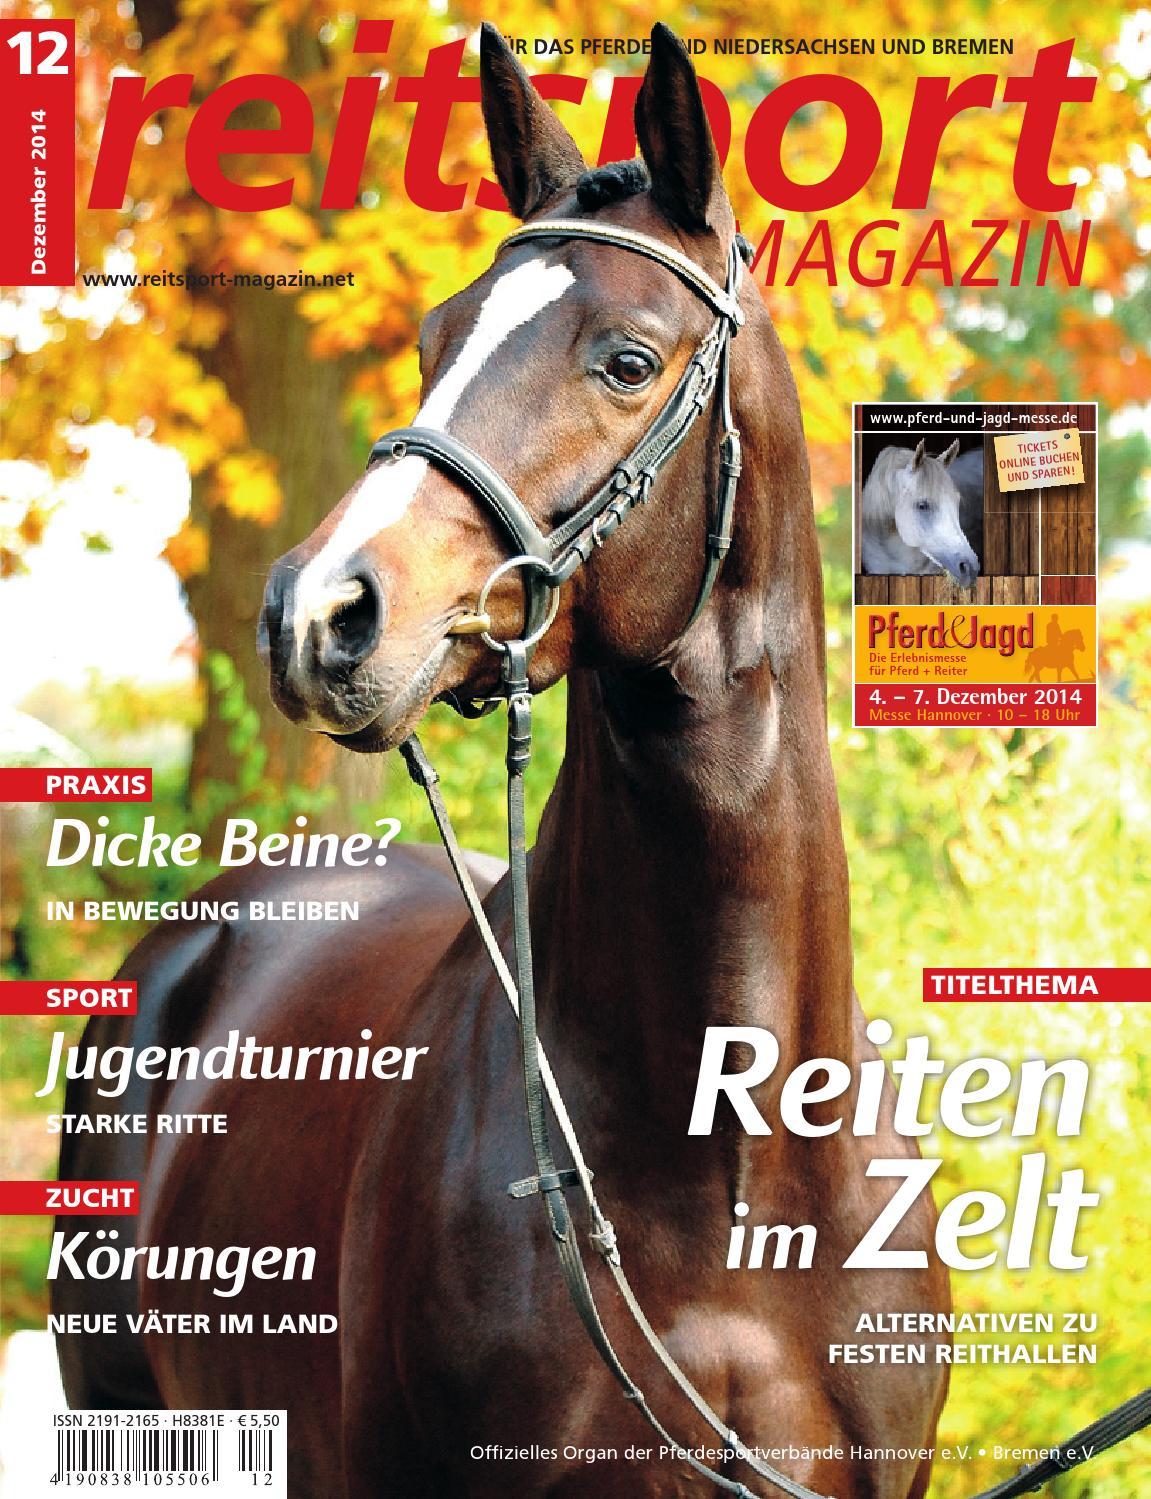 Reitsport MAGAZIN Ausgabe 12/2014 by Paragon